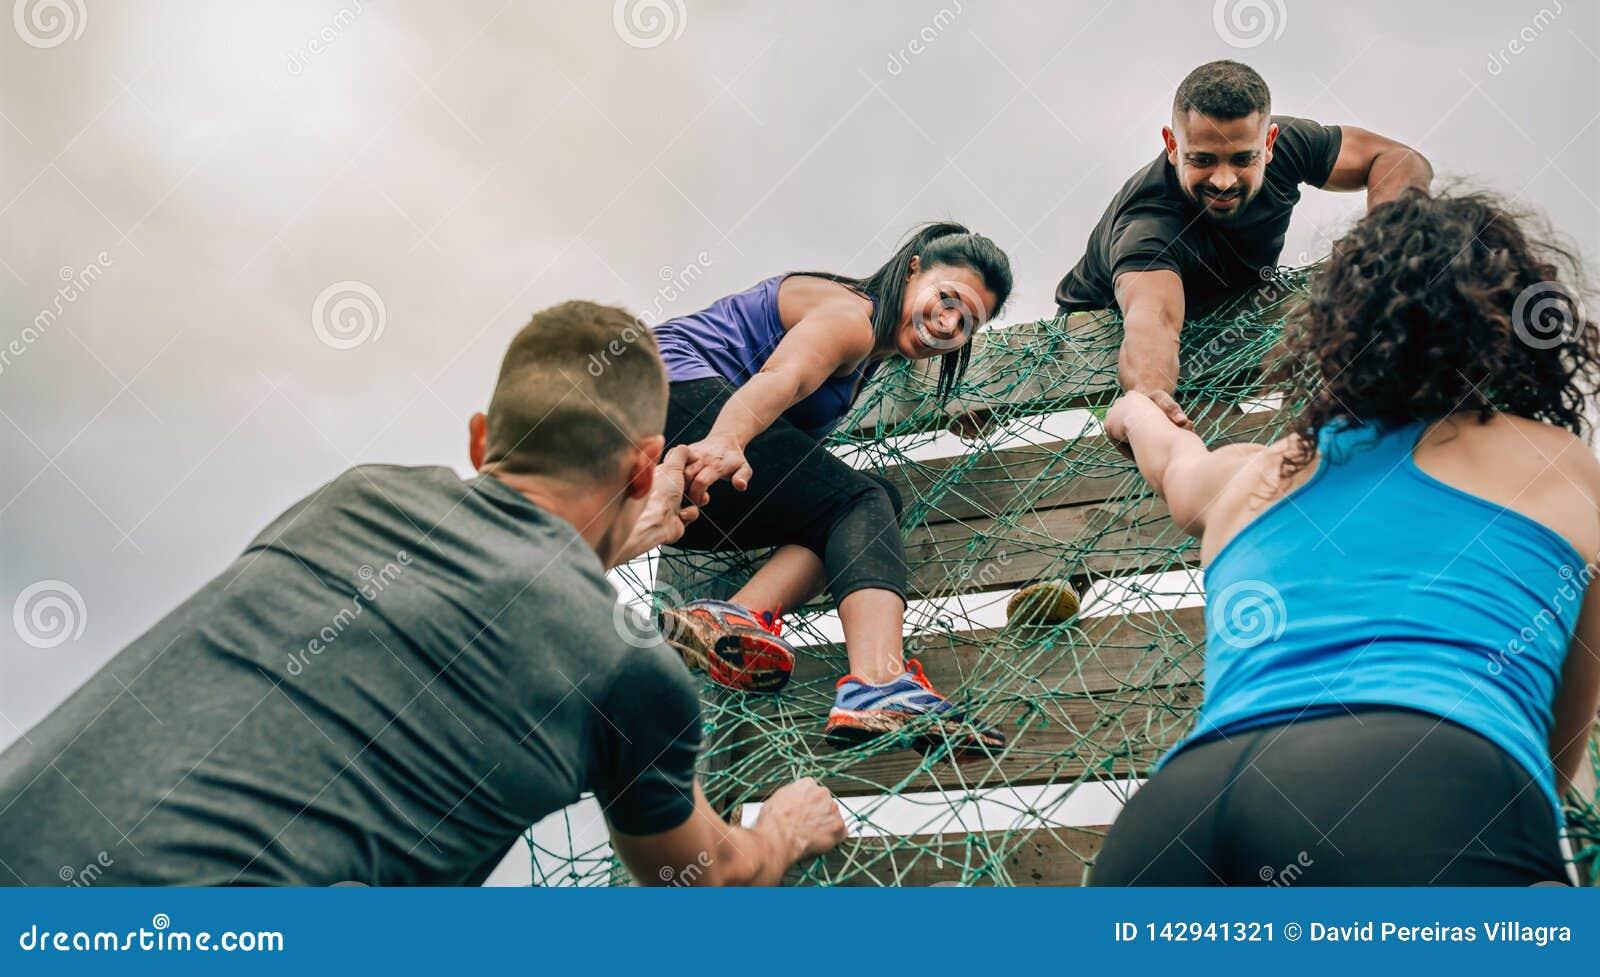 Participantes na rede de escalada do curso de obstáculo